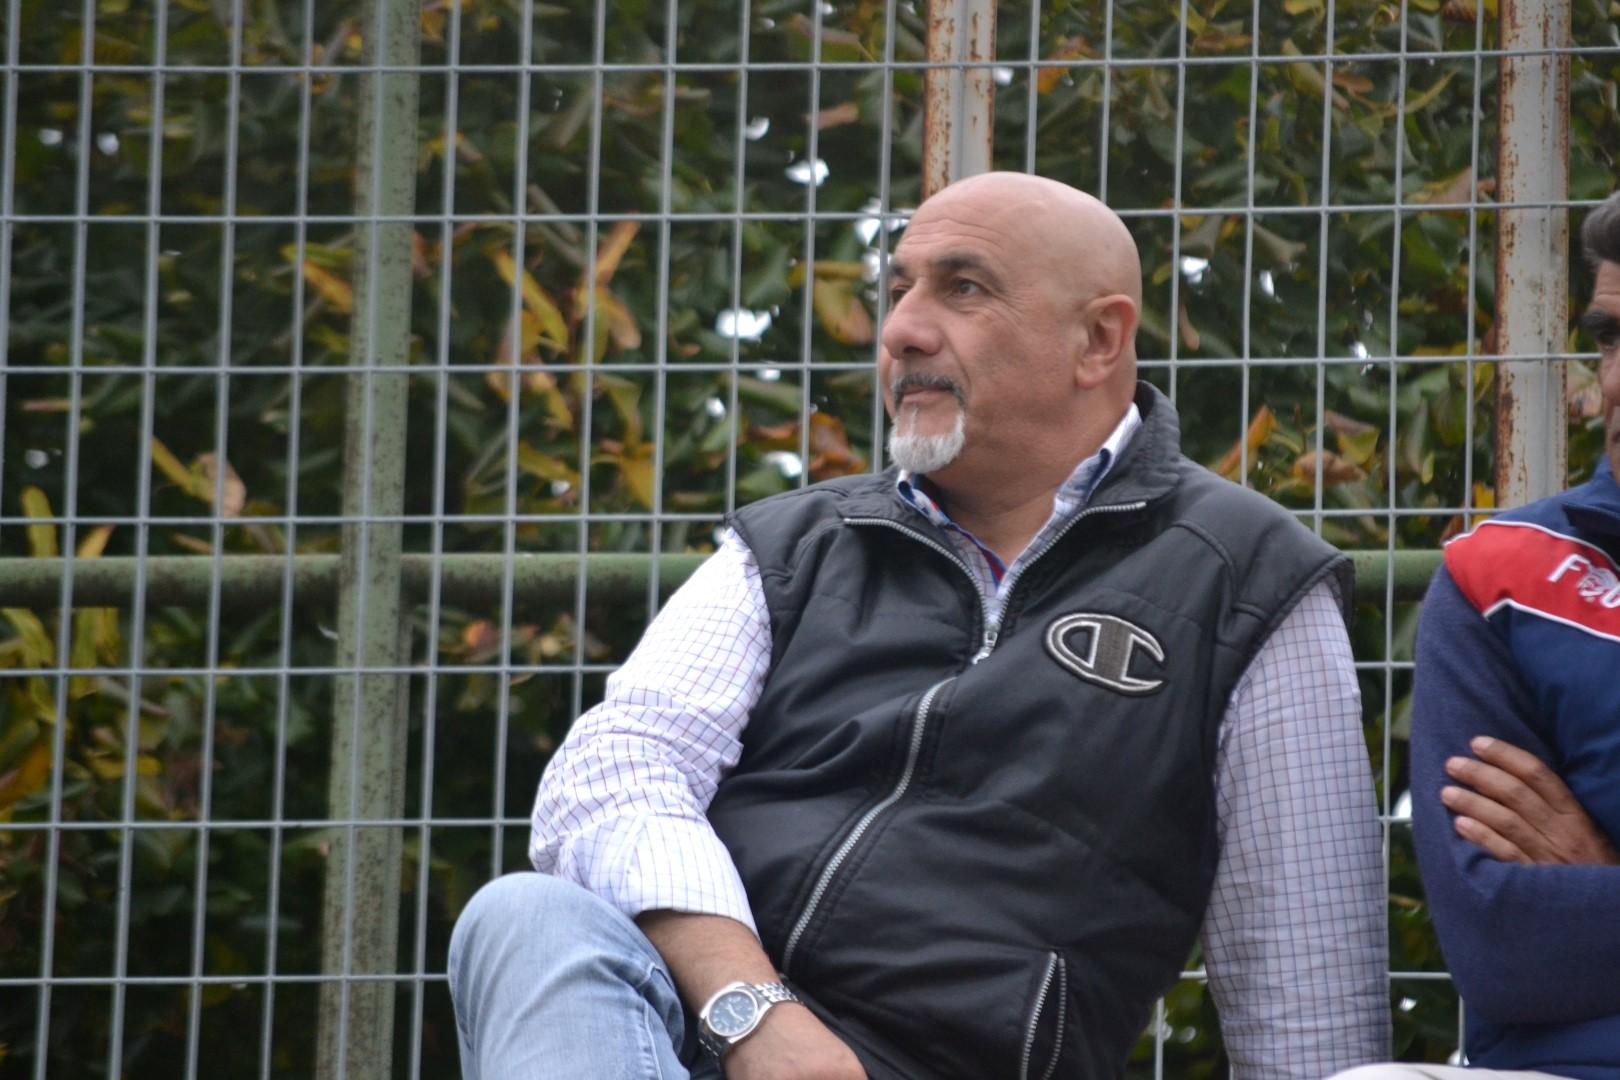 Luciano Ferro